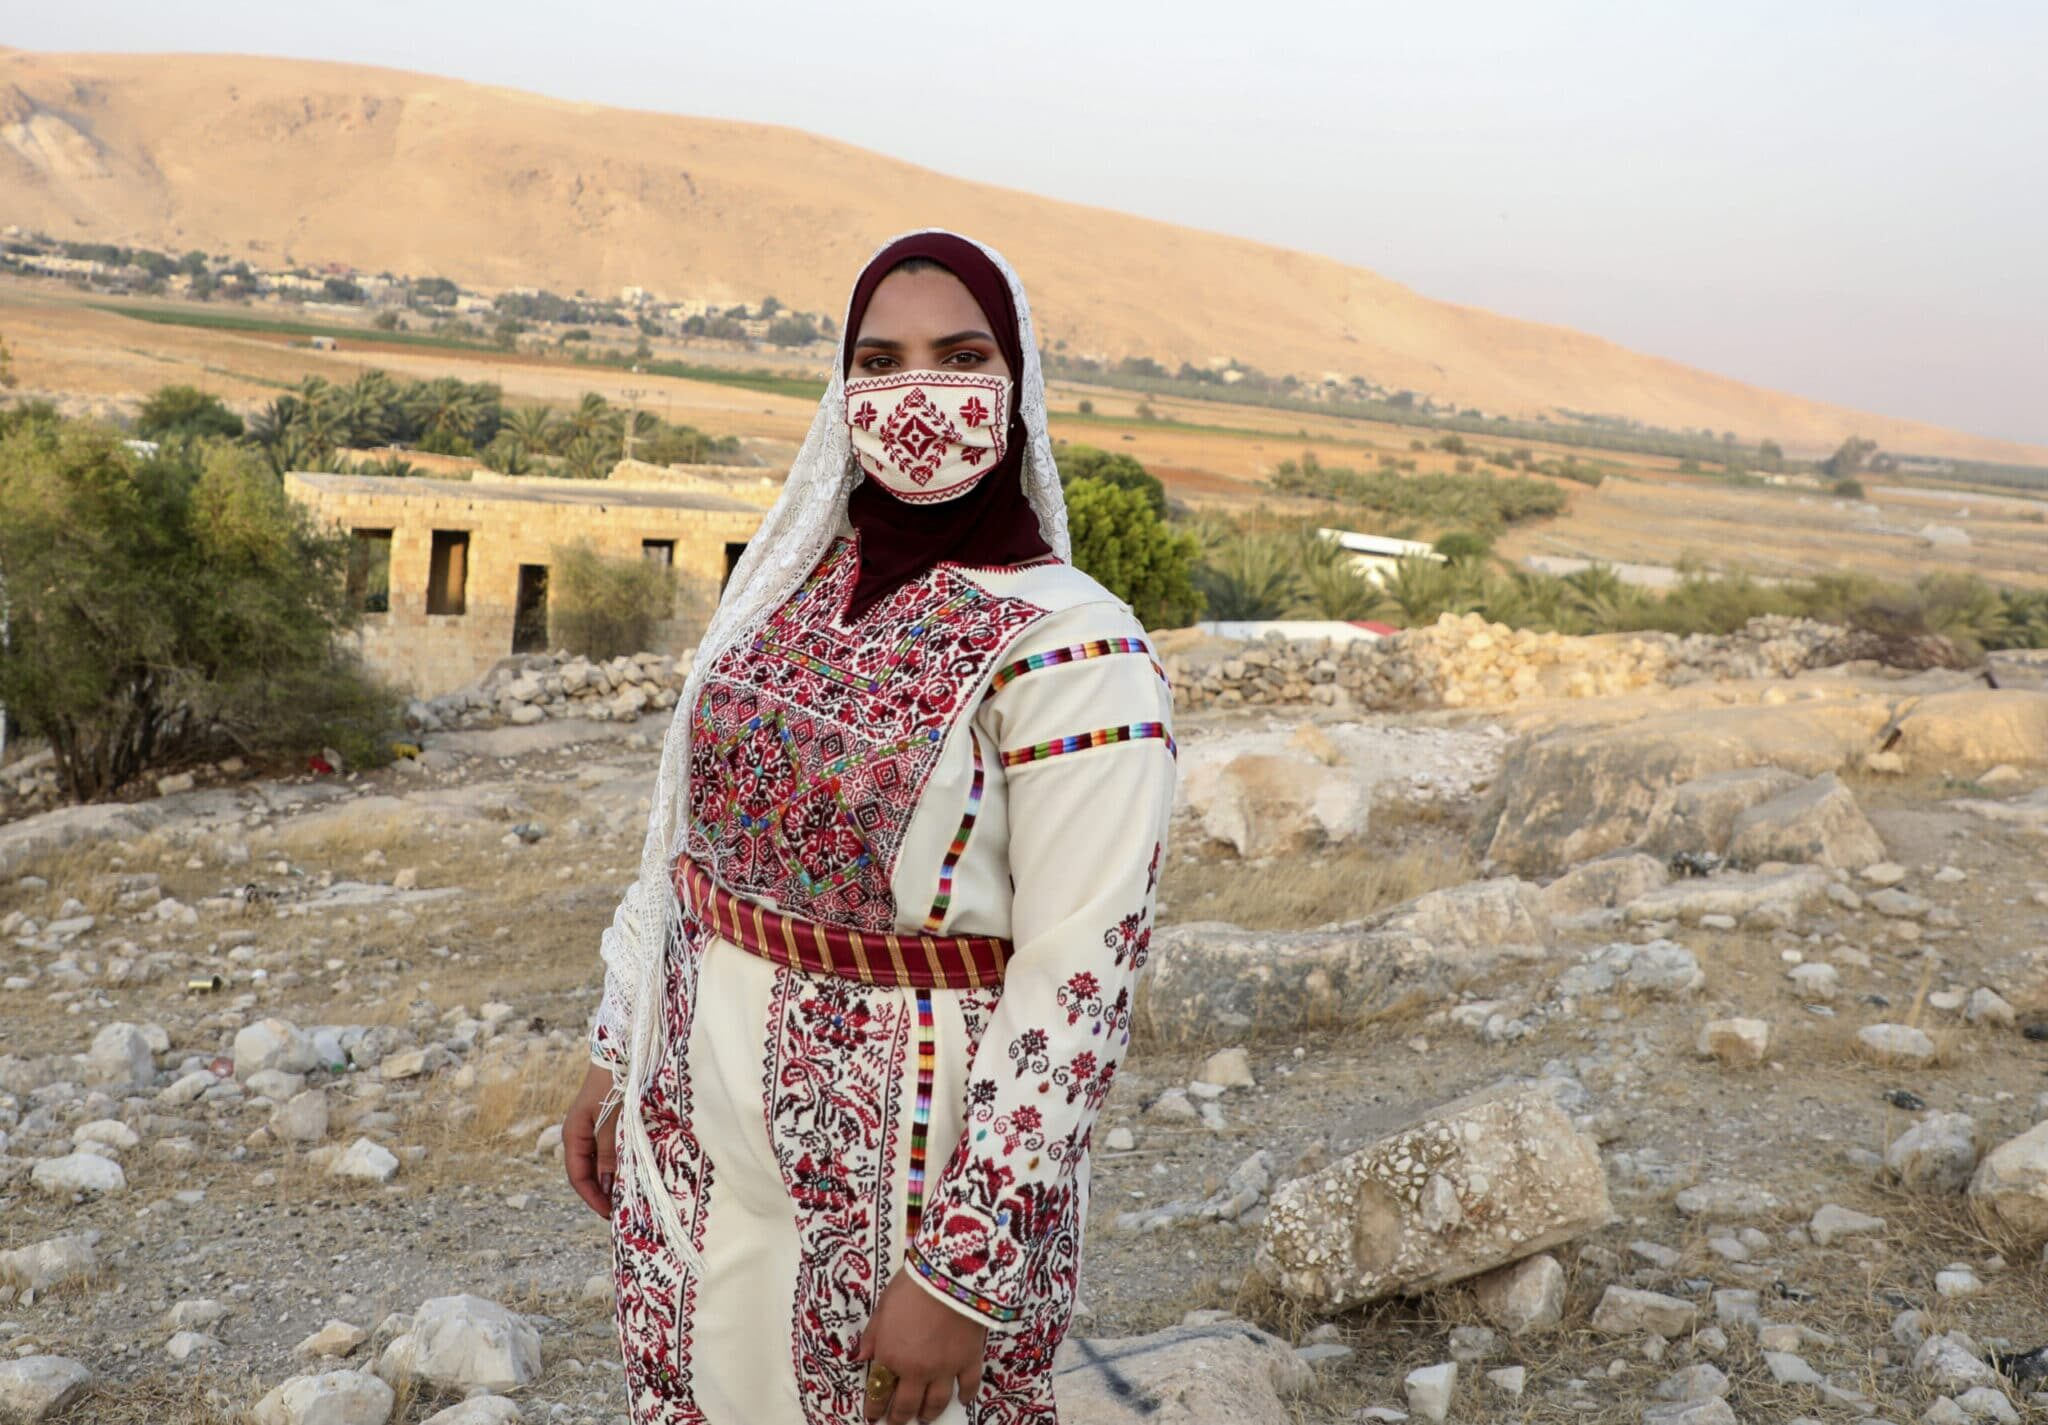 Culture of Palestine